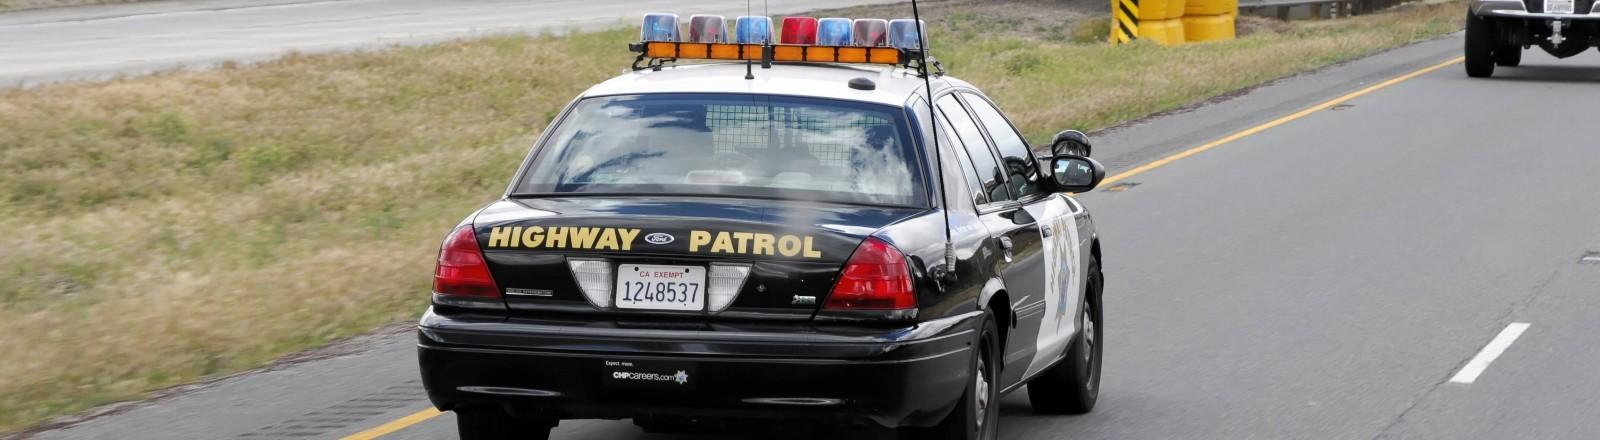 Ein Auto der Highway Patrol in den USA.